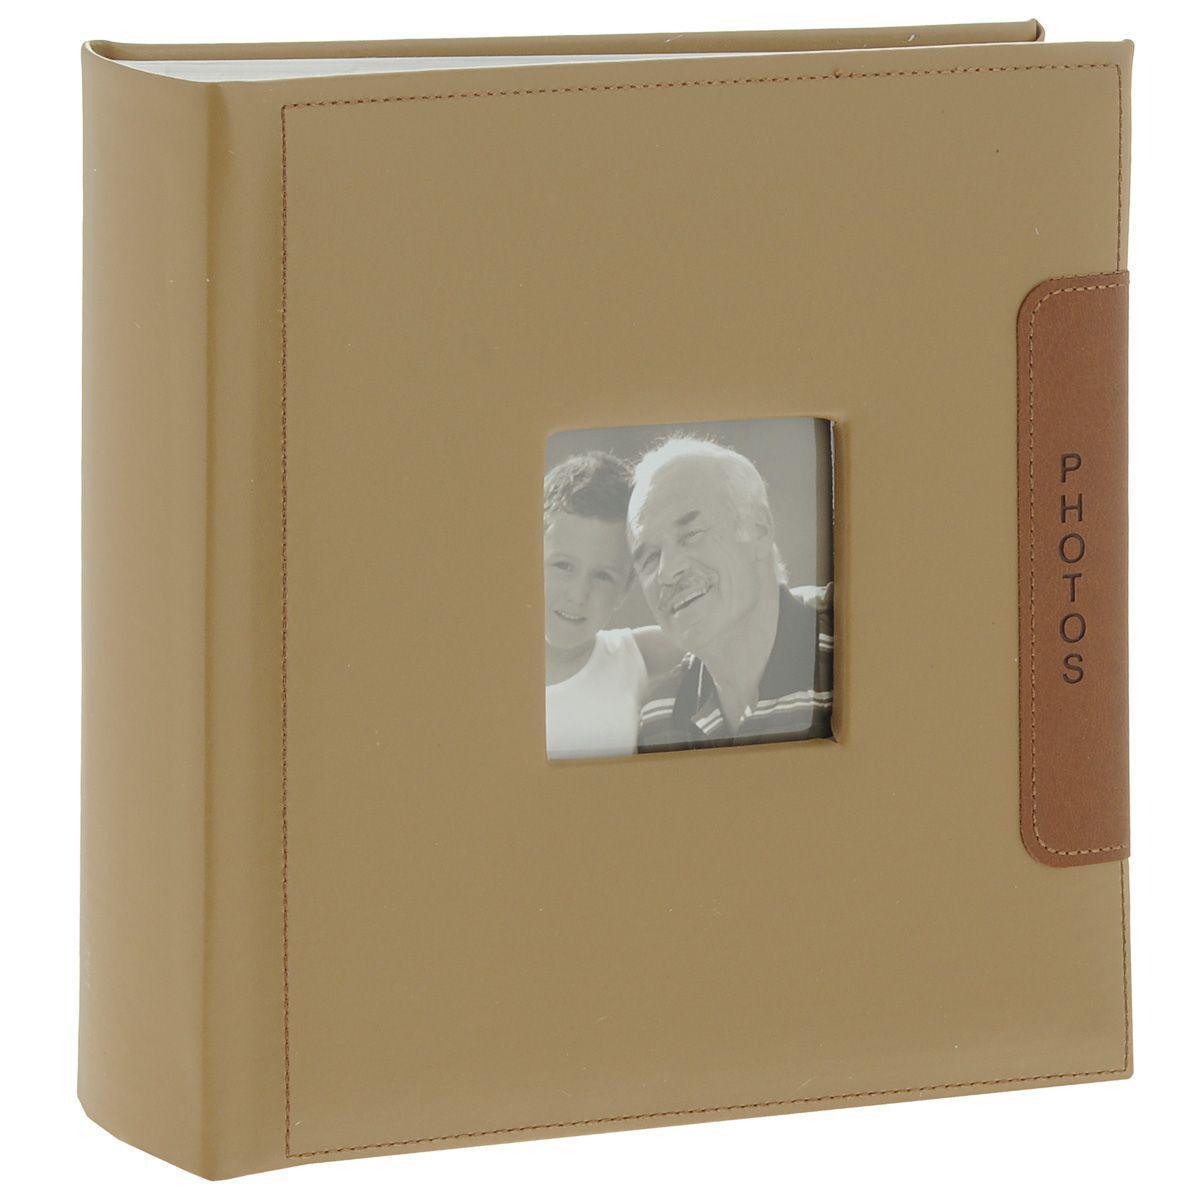 Фотоальбом Image Art -200 10x15 (BBM46200/2) серия 04641619Фотоальбом Image Art сохранит моменты ваших счастливых мгновений на своих страницах! Обложка из плотного картона обтянута кожей бежевого цвета. С лицевой стороны обложки имеется квадратное окошко для вашей самой любимой фотографии. Внутри содержится блок из 50 белых листов. Альбом рассчитан на 200 фотографий форматом 15 см х 10 см. Для фотографий предусмотрено поле для записей. На каждой странице с фиксатором-окошком из полипропилена можно разместить по 2 фотографии. Переплет книжный. Нам всегда так приятно вспоминать о самых счастливых моментах жизни, запечатленных на фотографиях. Поэтому фотоальбом является универсальным подарком к любому празднику. Вашим родным, близким и просто знакомым будет приятно помещать фотографии в этот альбом.